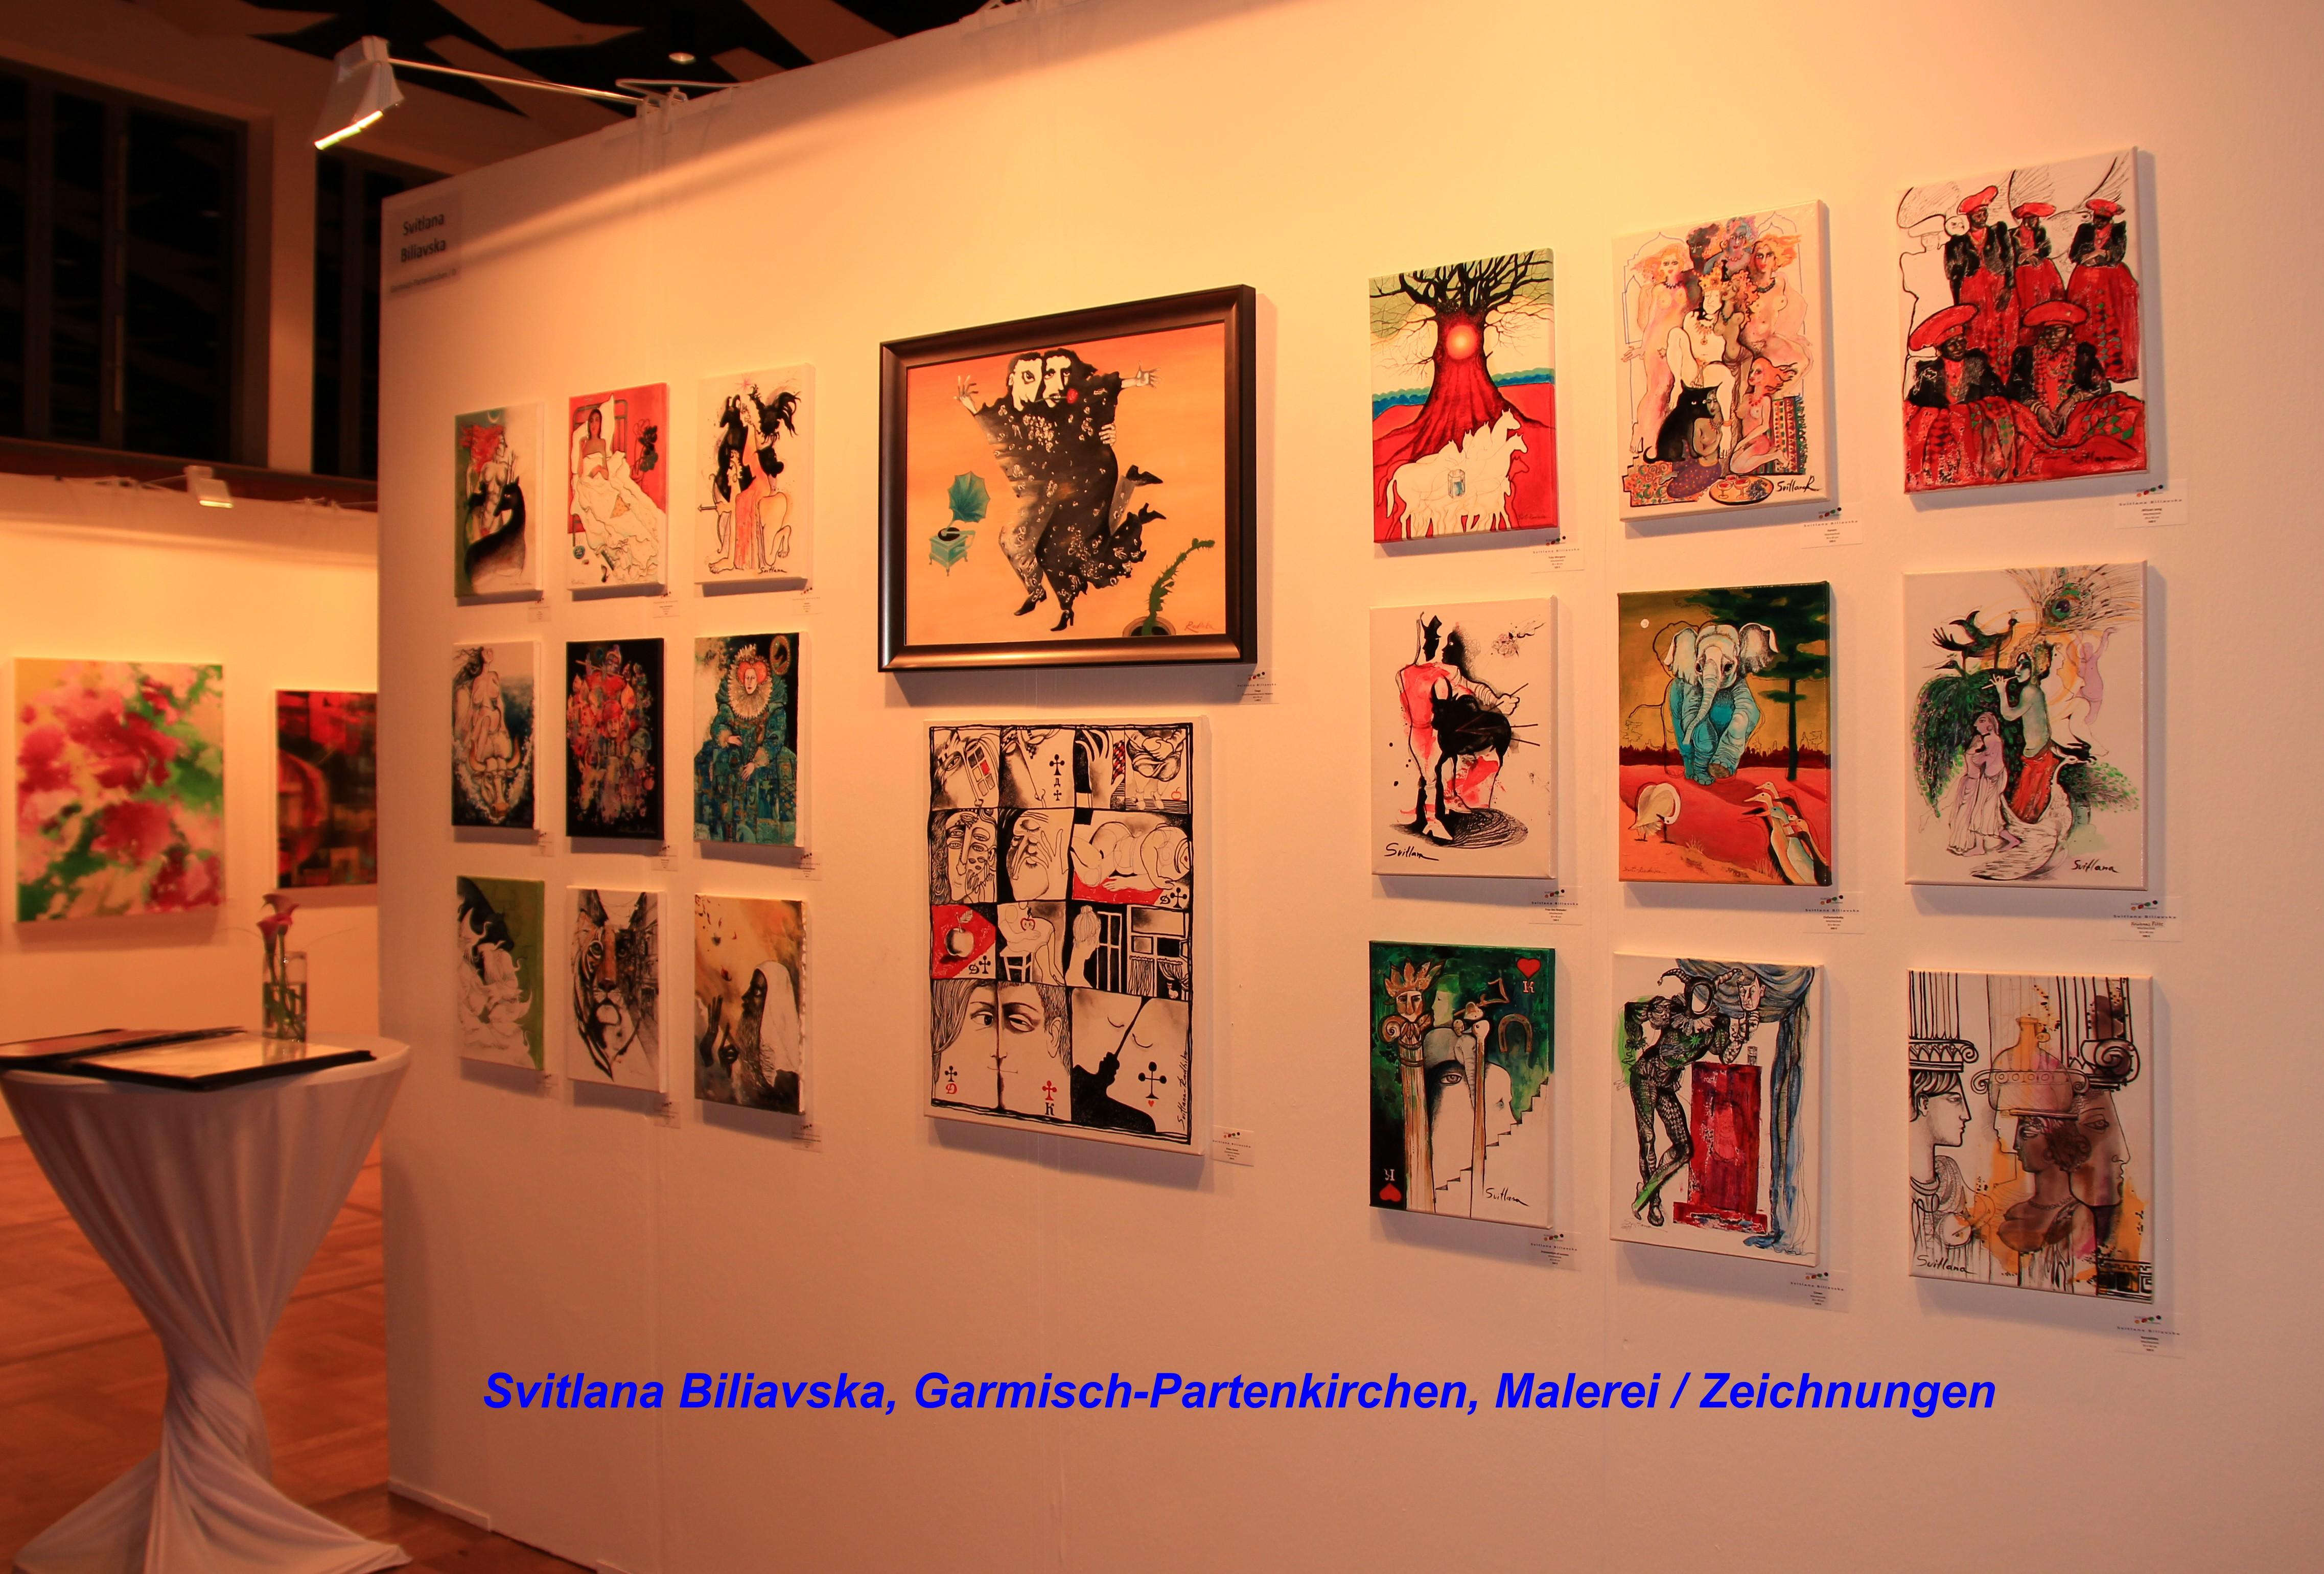 Svitlana Biliavska, Garmisch-Partenkirchen, Malerei / Zeichnungen